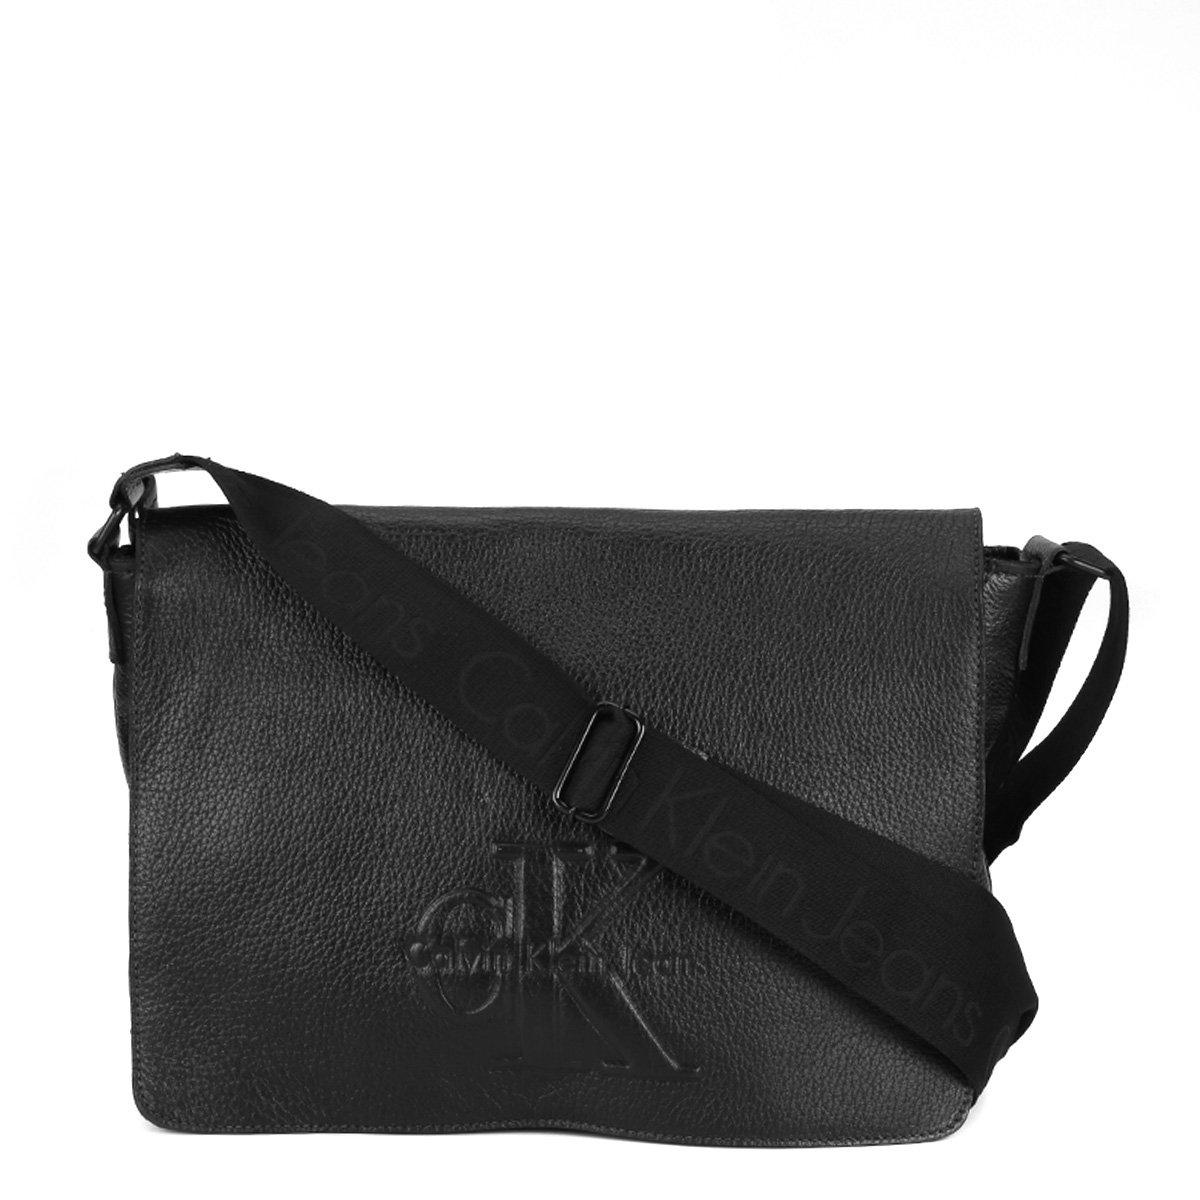 Bolsa Couro Calvin Klein Carteiro Masculina - Compre Agora   Netshoes 5706aa5325